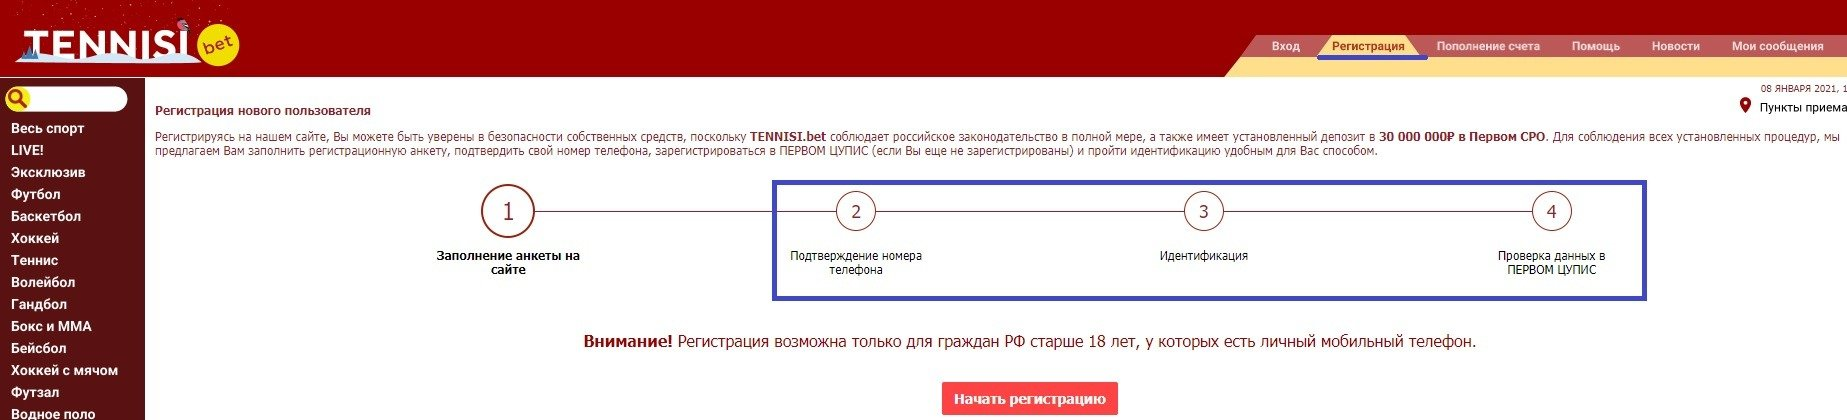 registratsiya i identifikatsiya BK tennisi bet